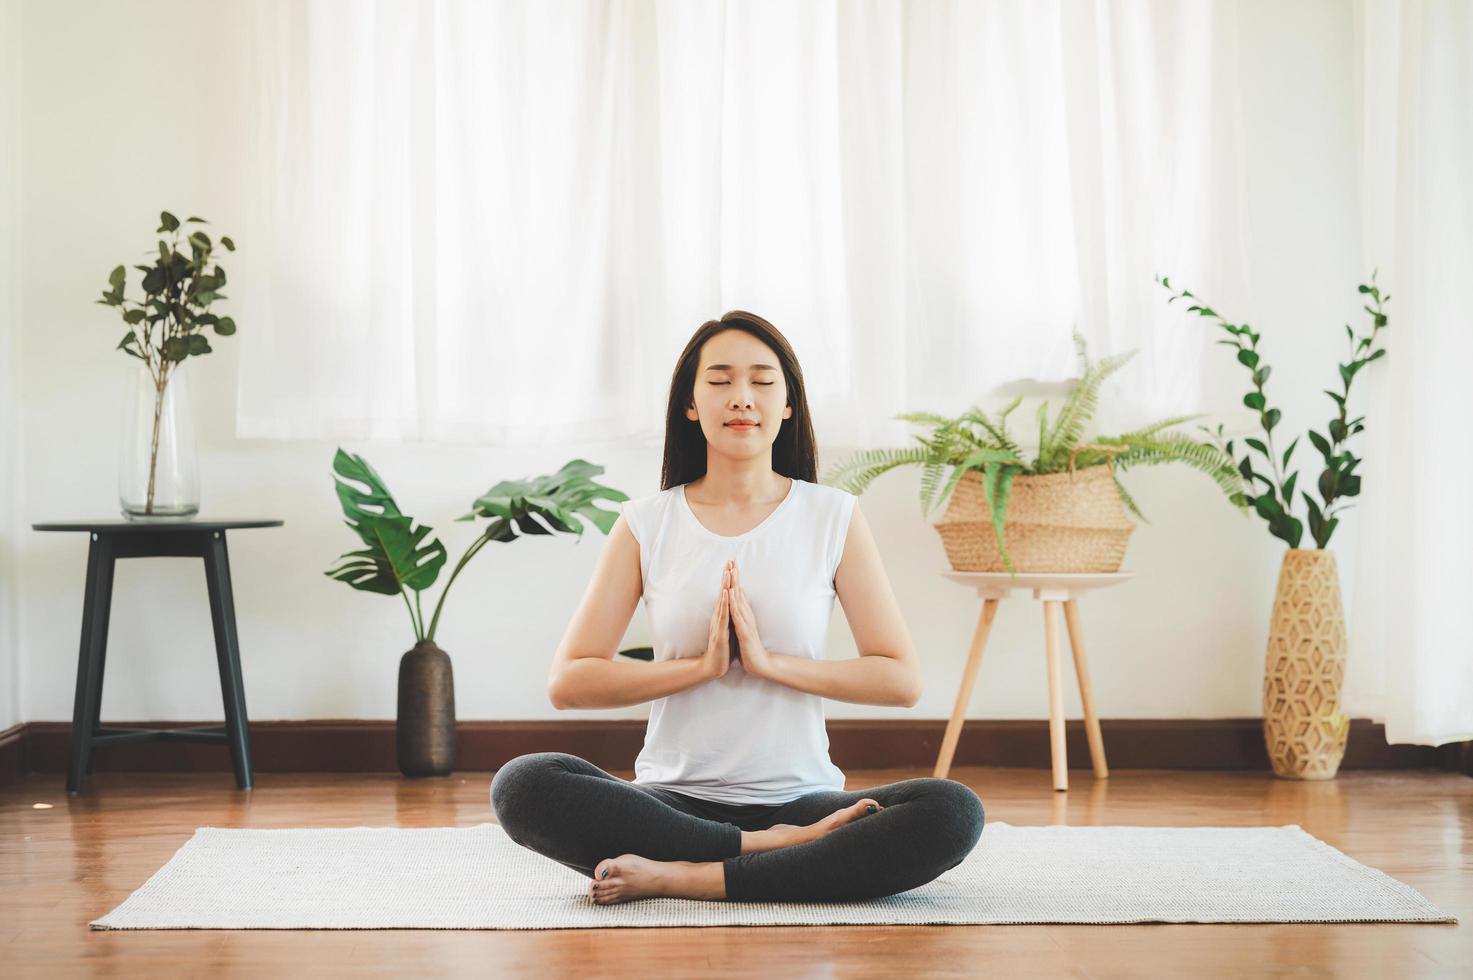 donna asiatica che fa meditazione yoga a casa foto